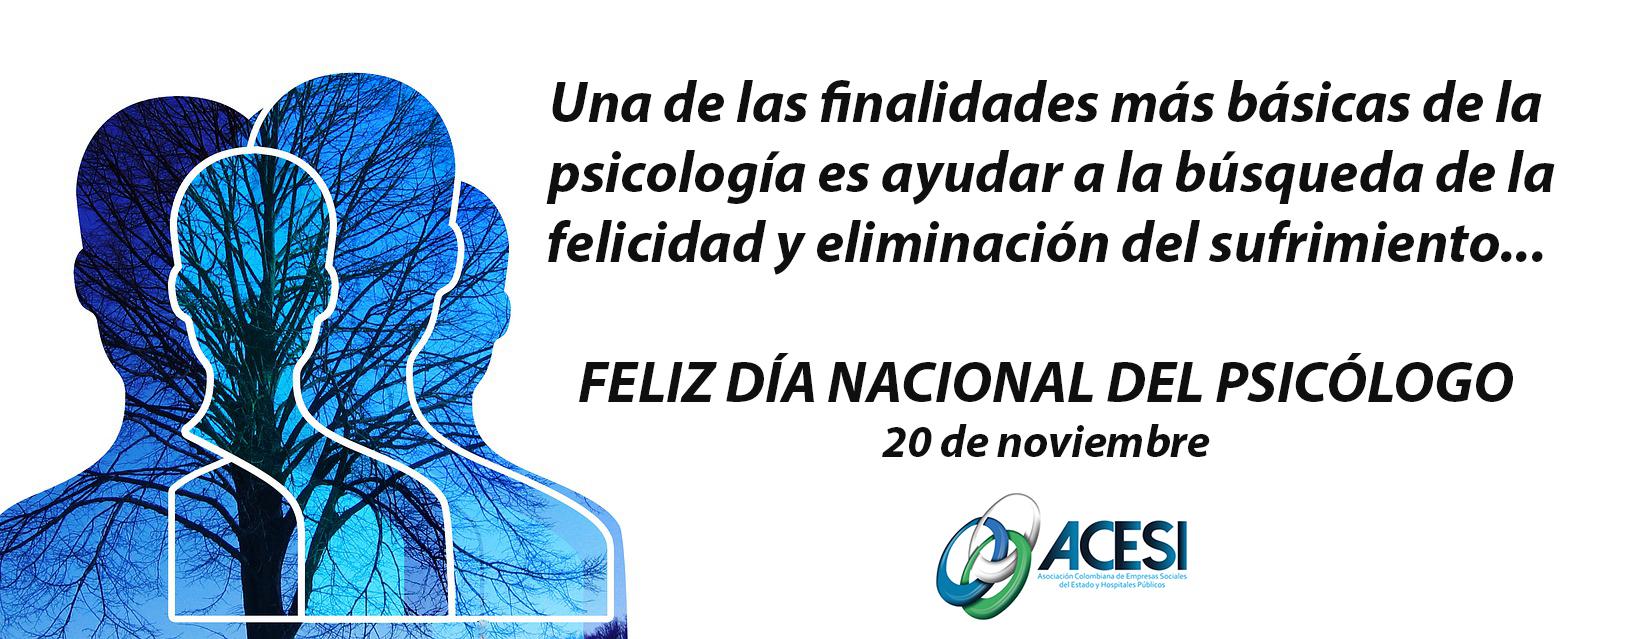 HOY… Día nacional del psicólogo!